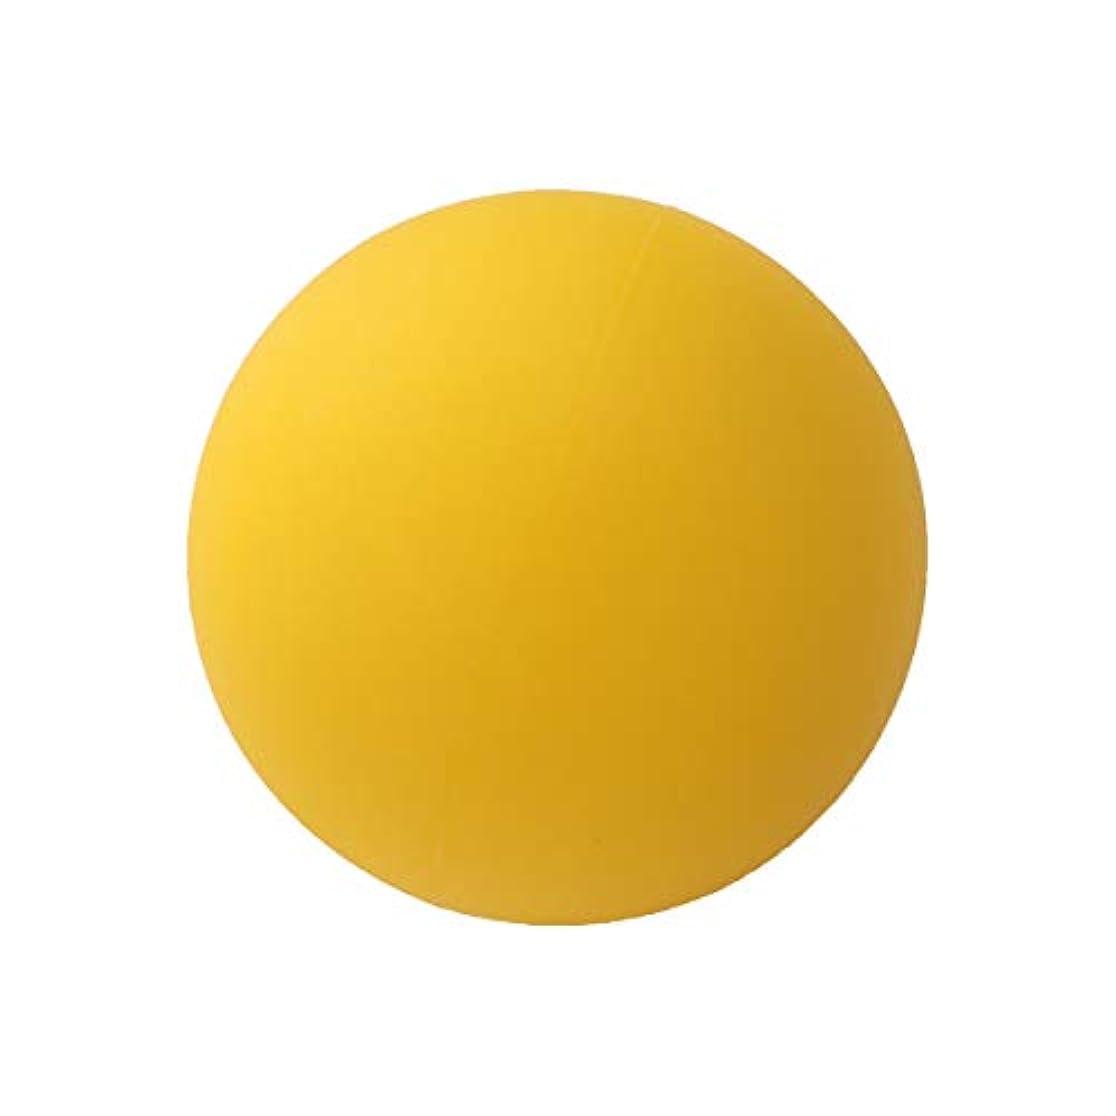 くしゃくしゃ製造実験をするVORCOOL マッサージボール ヨガ ストレッチボール トリガーポイント 筋膜リリース トレーニング 背中 肩こり 腰 ふくらはぎ 足裏 ツボ押しグッズ 物理 マッサージ 療法ボール